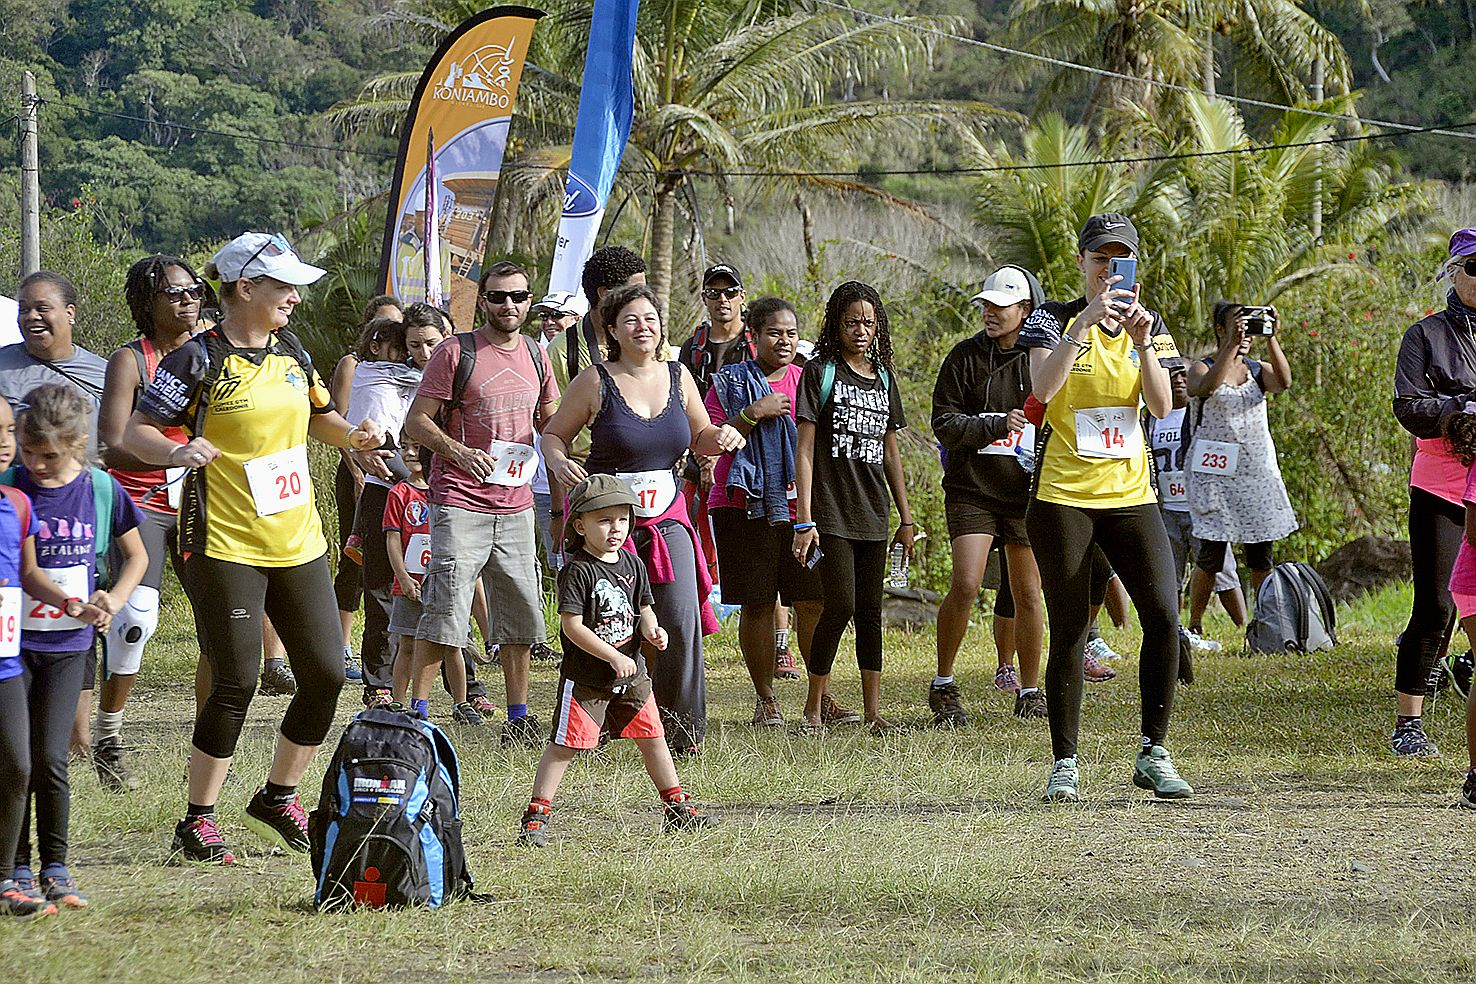 Les coureurs venus de Ponérihouen, Touho, Koné, Pouembout et Nouméa ont été rejoints par des personnes de la tribu pour effectuer  les 5 kilomètres qui étaient proposés, dimanche. Un moment d'échauffement leur a été suggéré avant le départ.